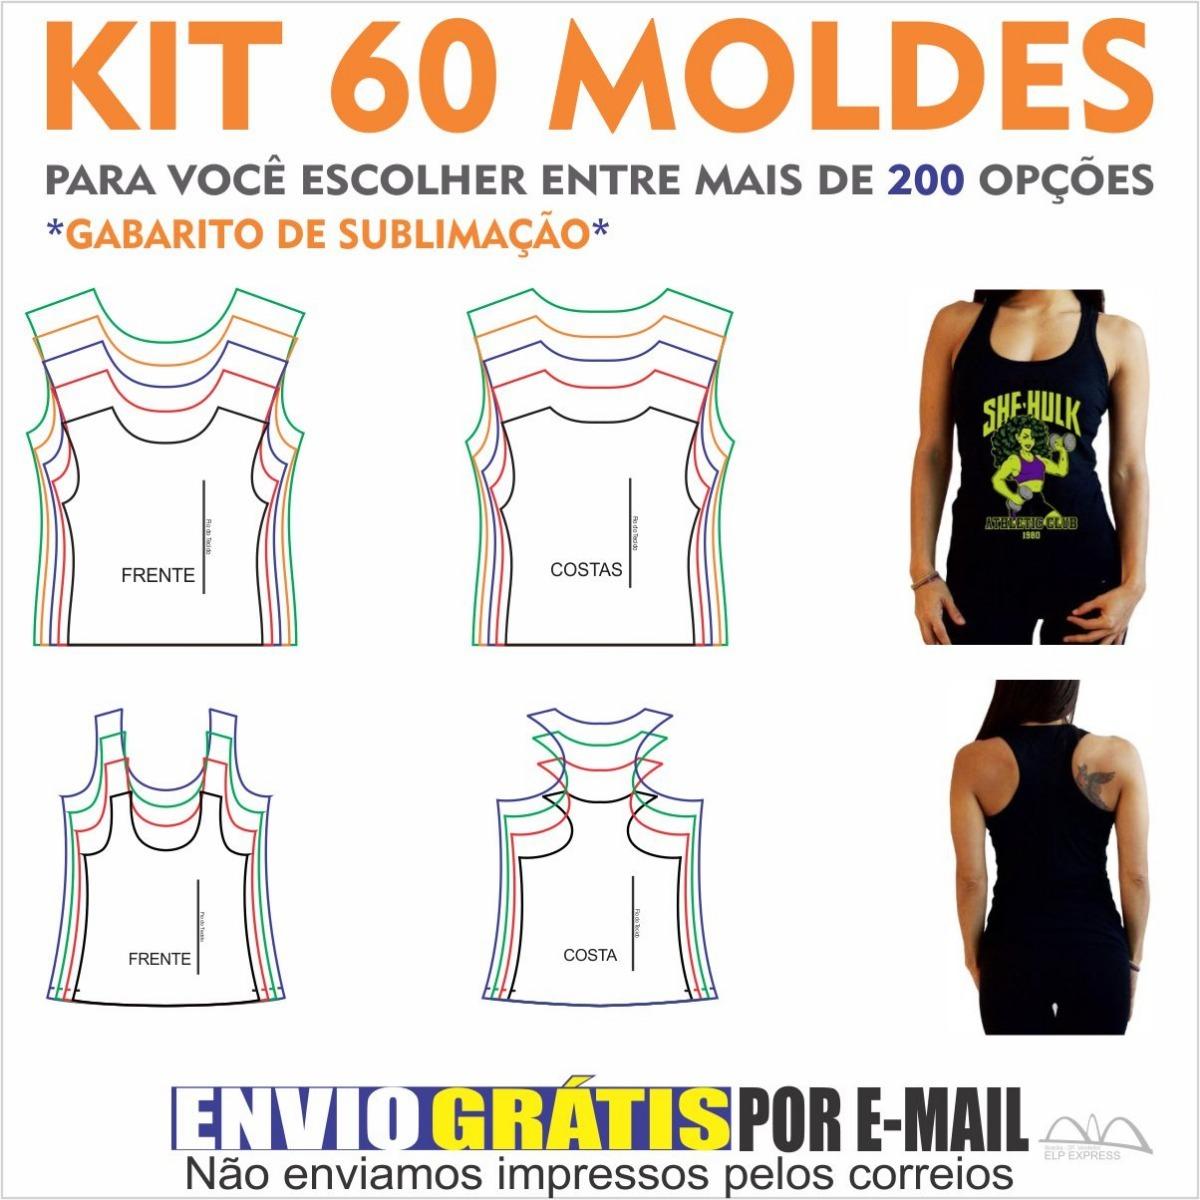 24e45b224 Kit 60 Moldes De Roupas A Sua Escolha. Camisas